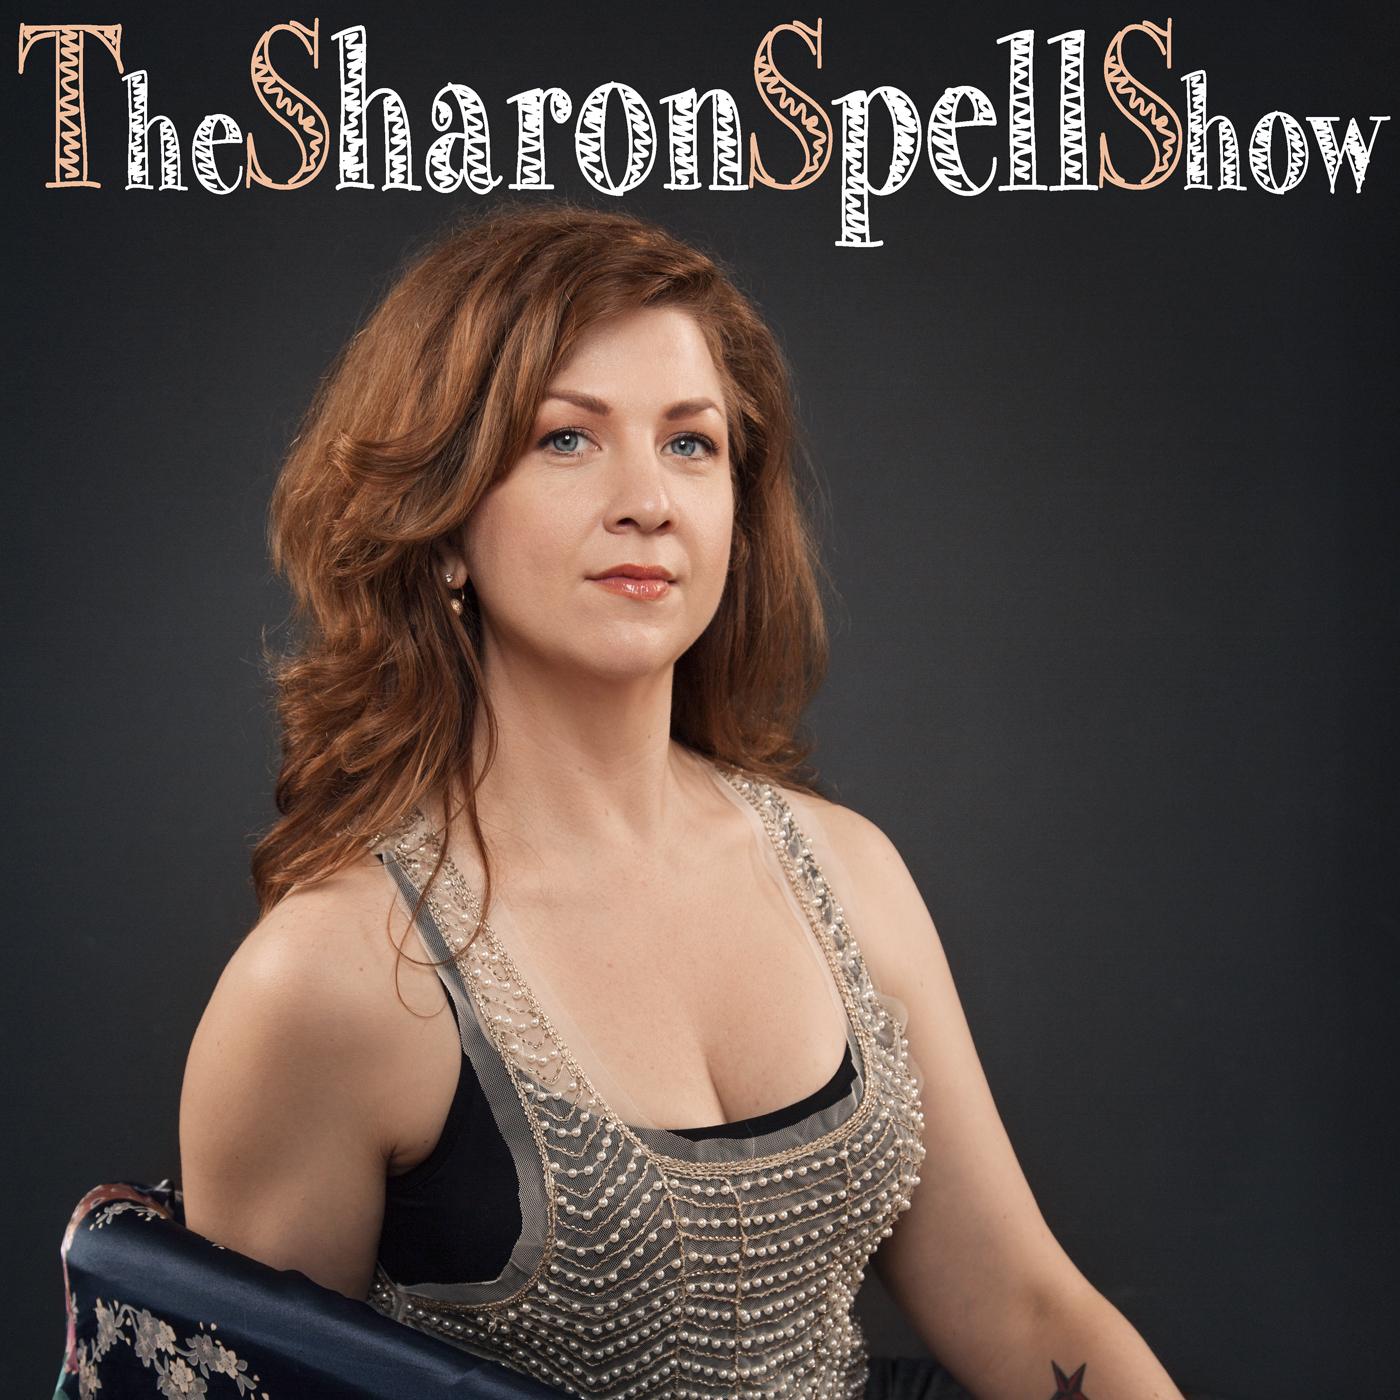 Episode 163: Jill Pangallo show art